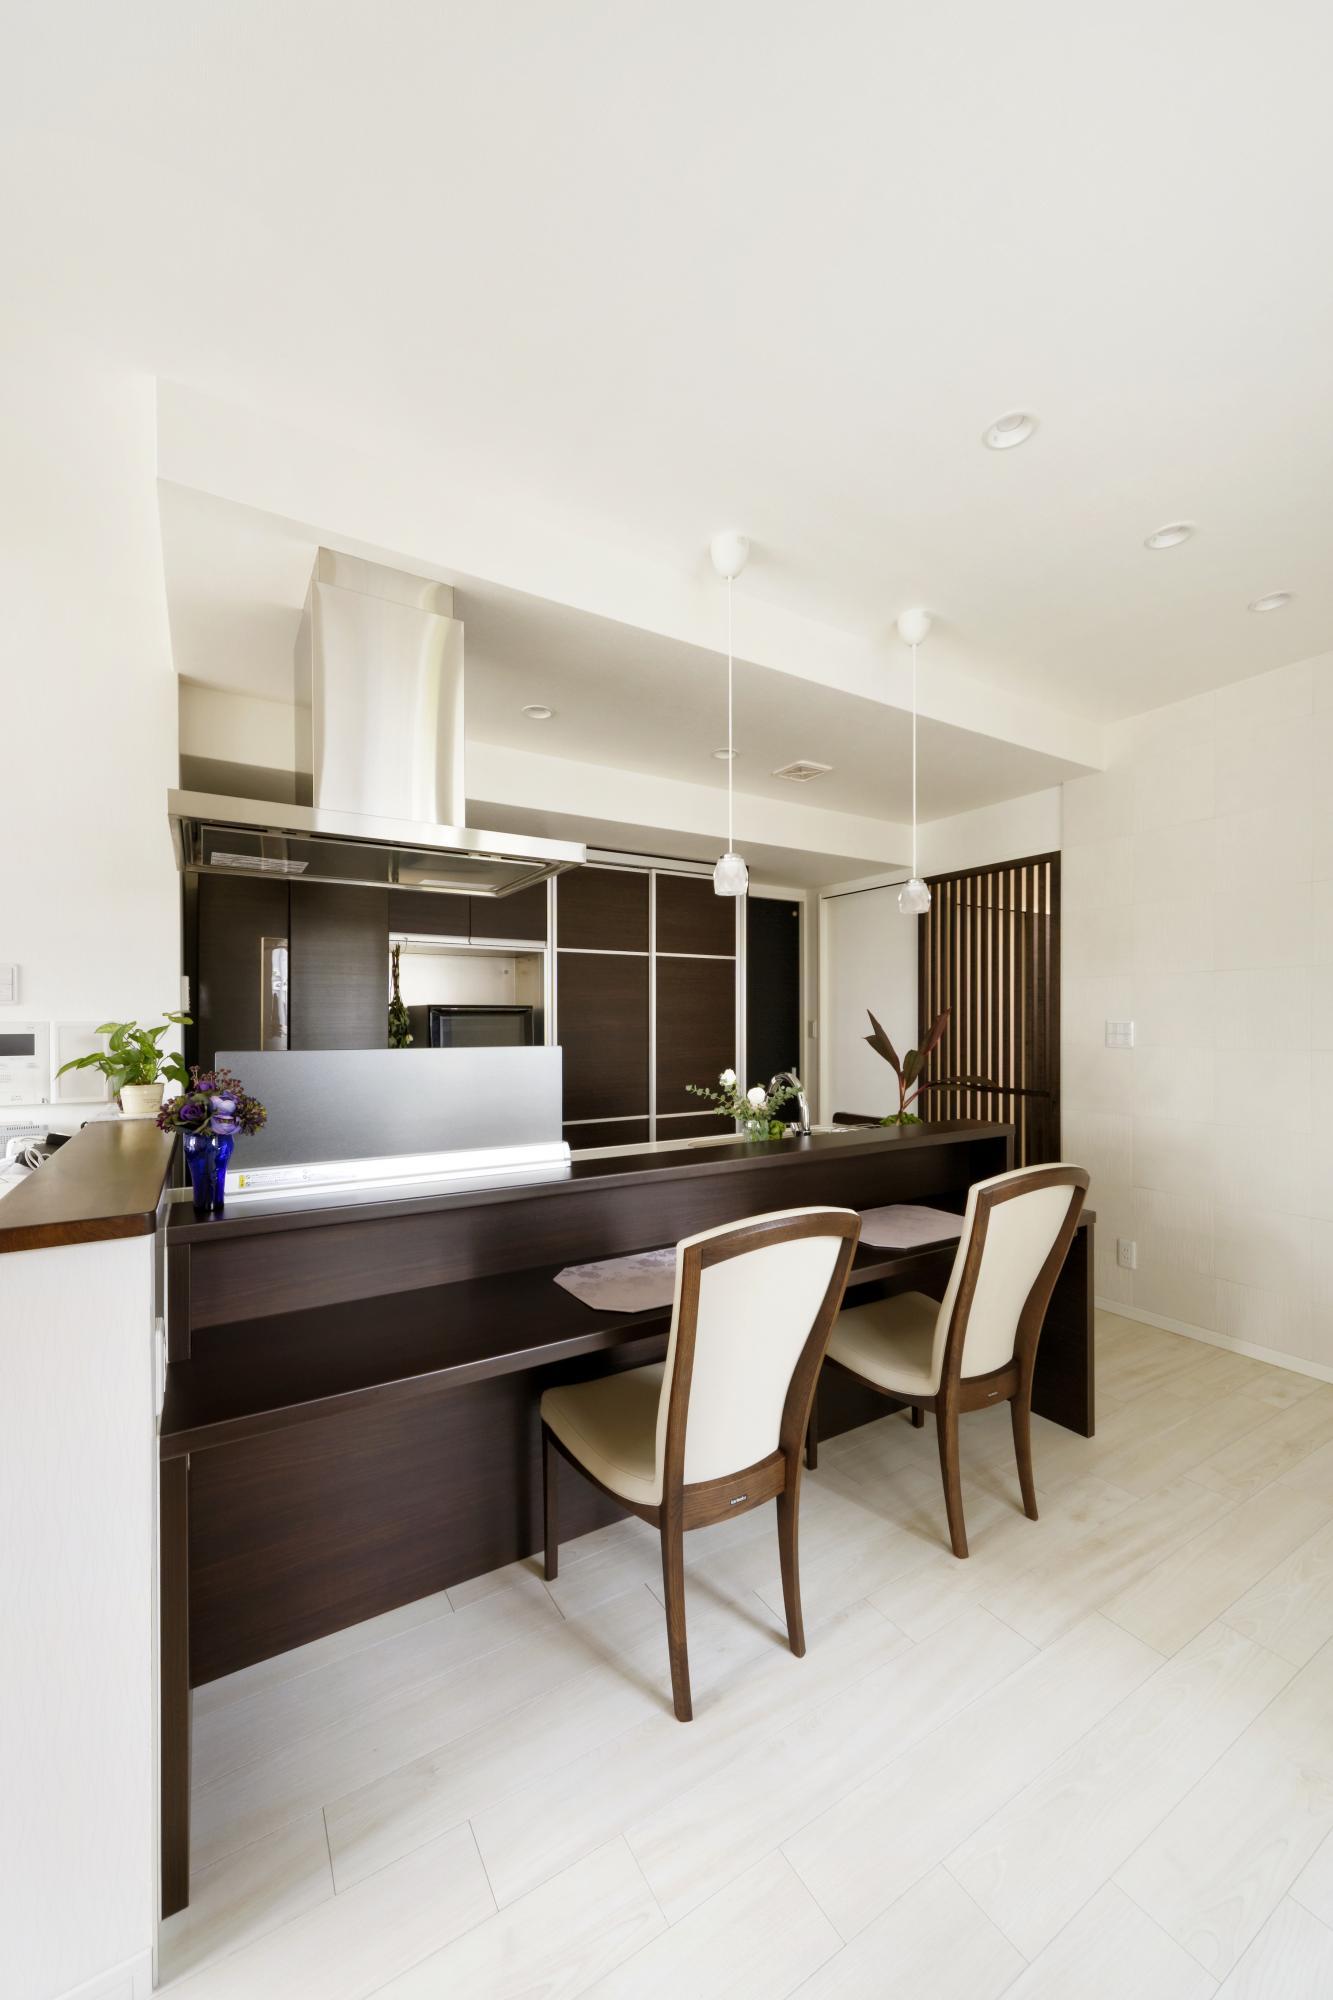 ダイニングテーブルは置かず、キッチンにカウンターを設けた。カウンターは低い位置にしたので、ハイチェアではなく、通常の座面の高さの椅子が使える。